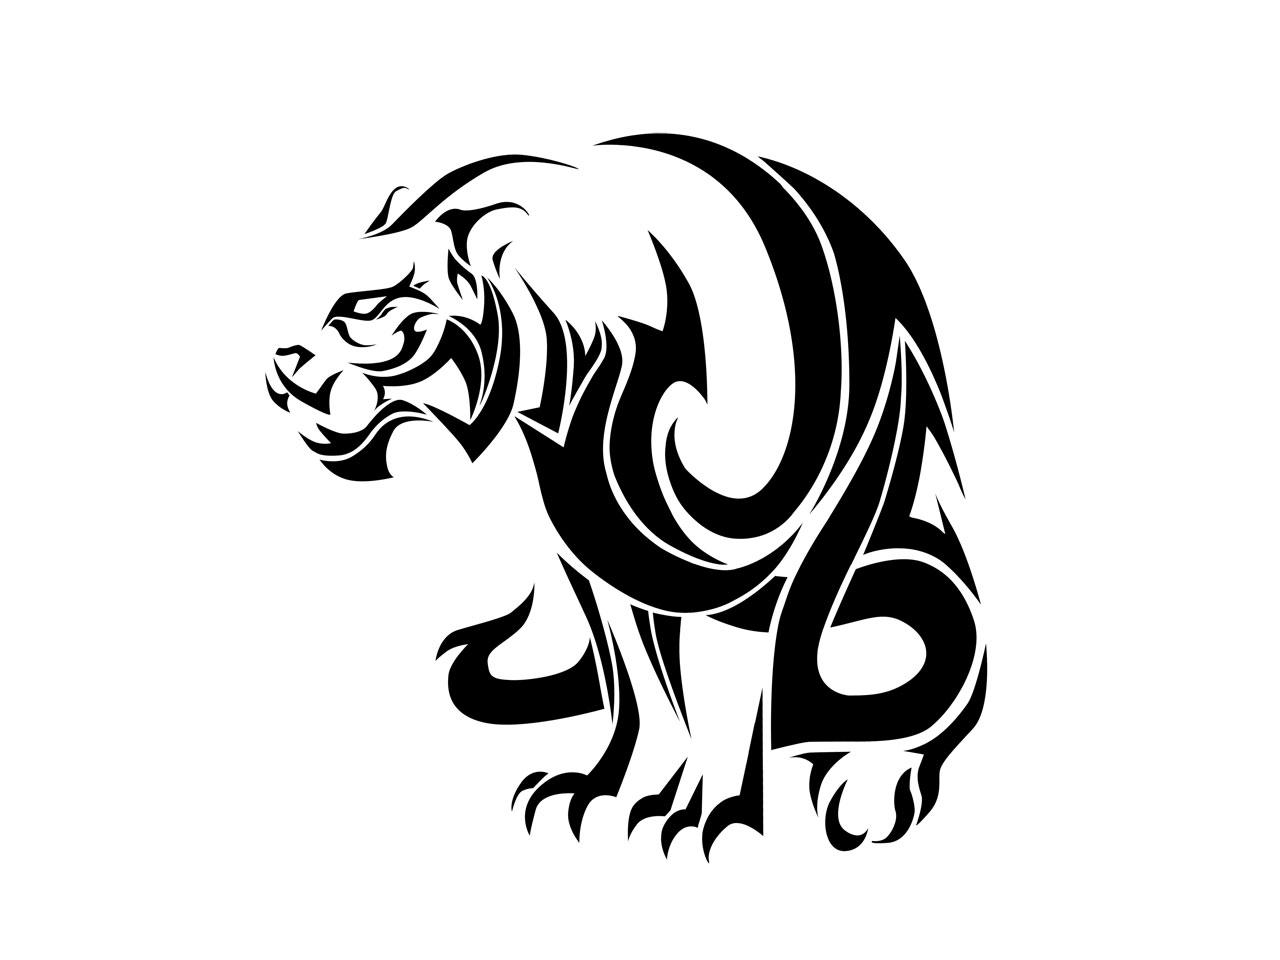 Big Tribal Tiger Tattoo Design Idea Tattoo Design Ideas